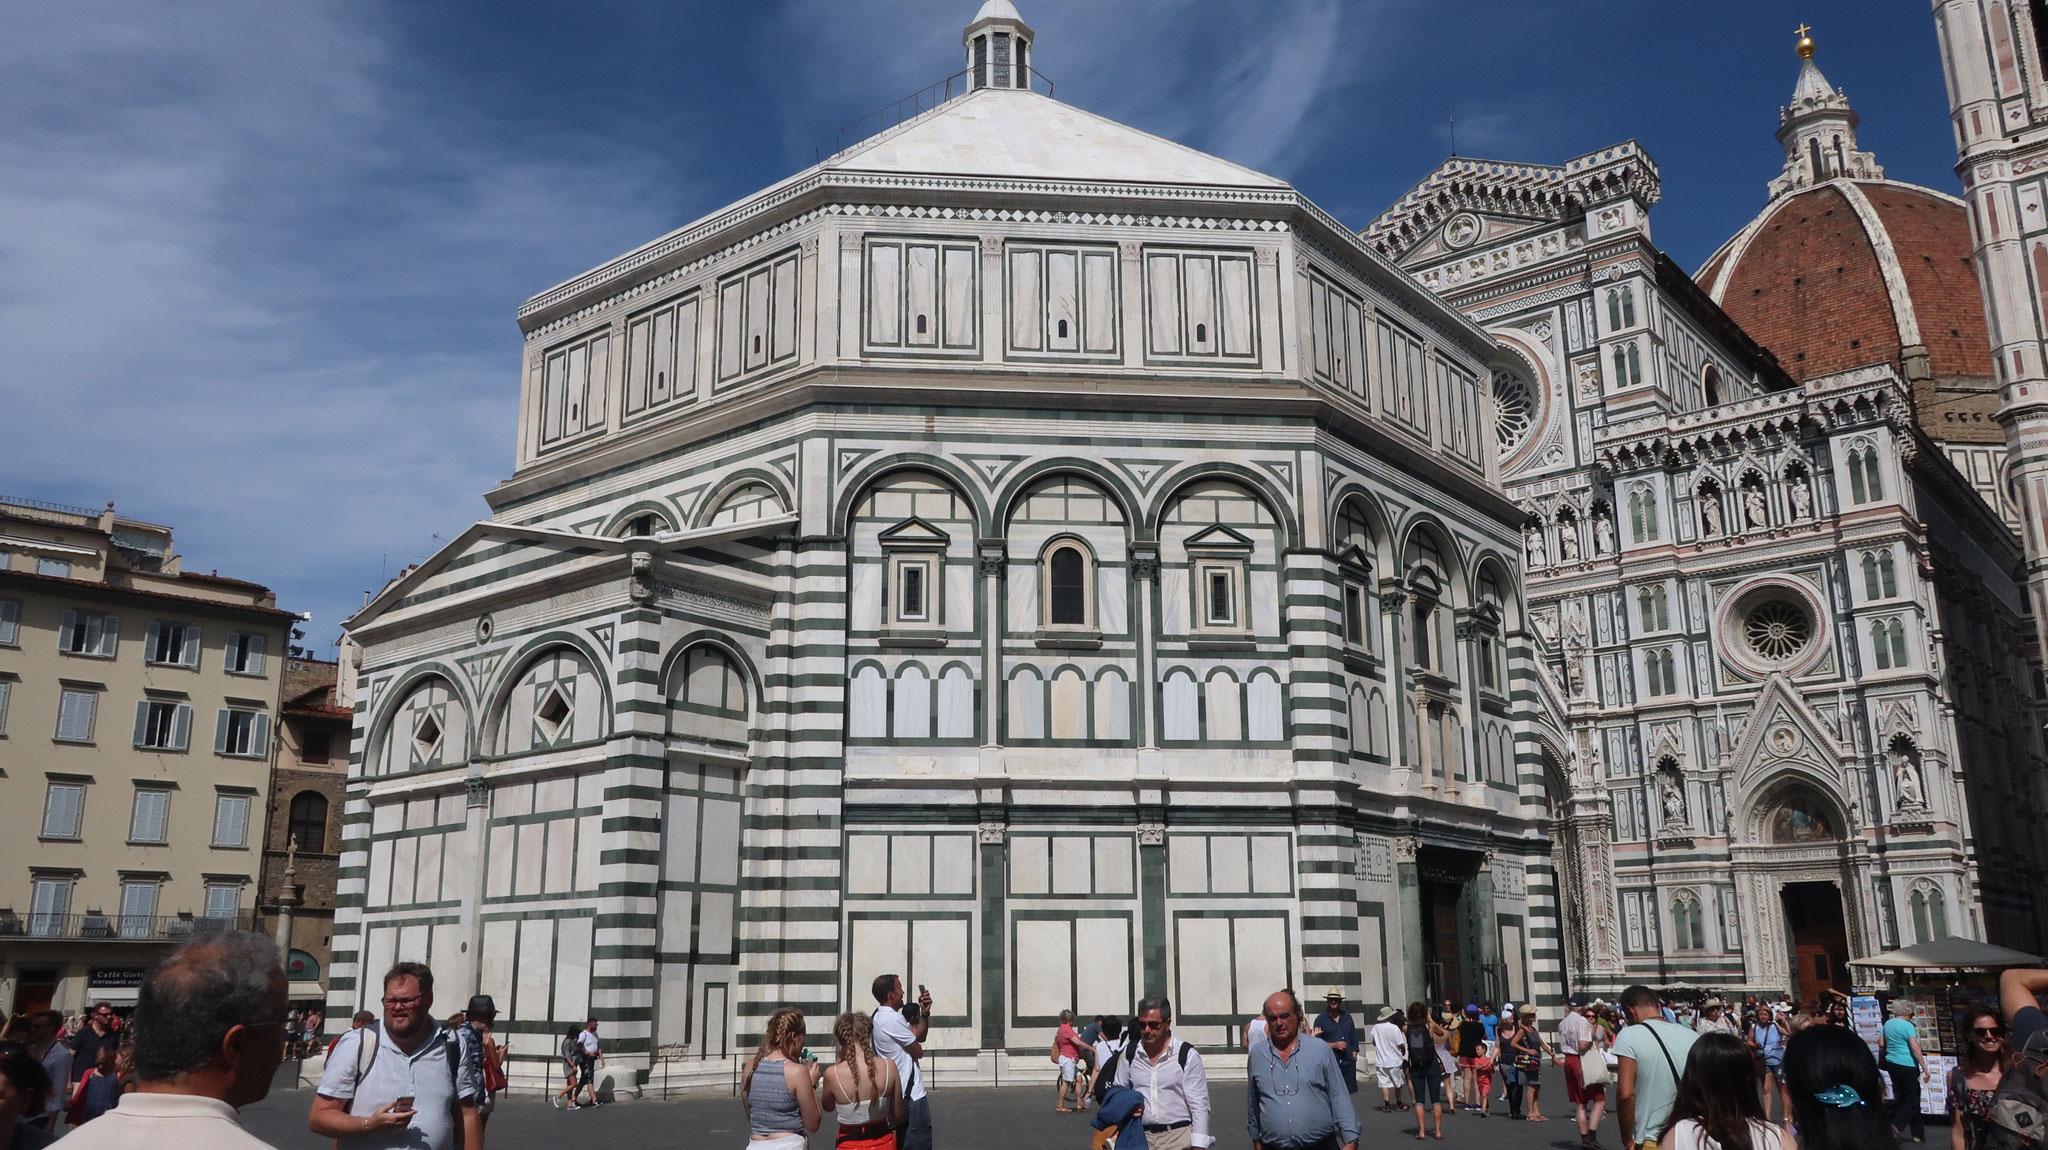 8角形のサン・ジョヴァンニ洗礼堂。大聖堂より早く、11世紀に、フィレンツェの守護聖人、聖ジョヴァンニ(ヨハネ)に捧げて、建造されました。この街に生まれた詩人ダンテも、ここで洗礼を受けました。